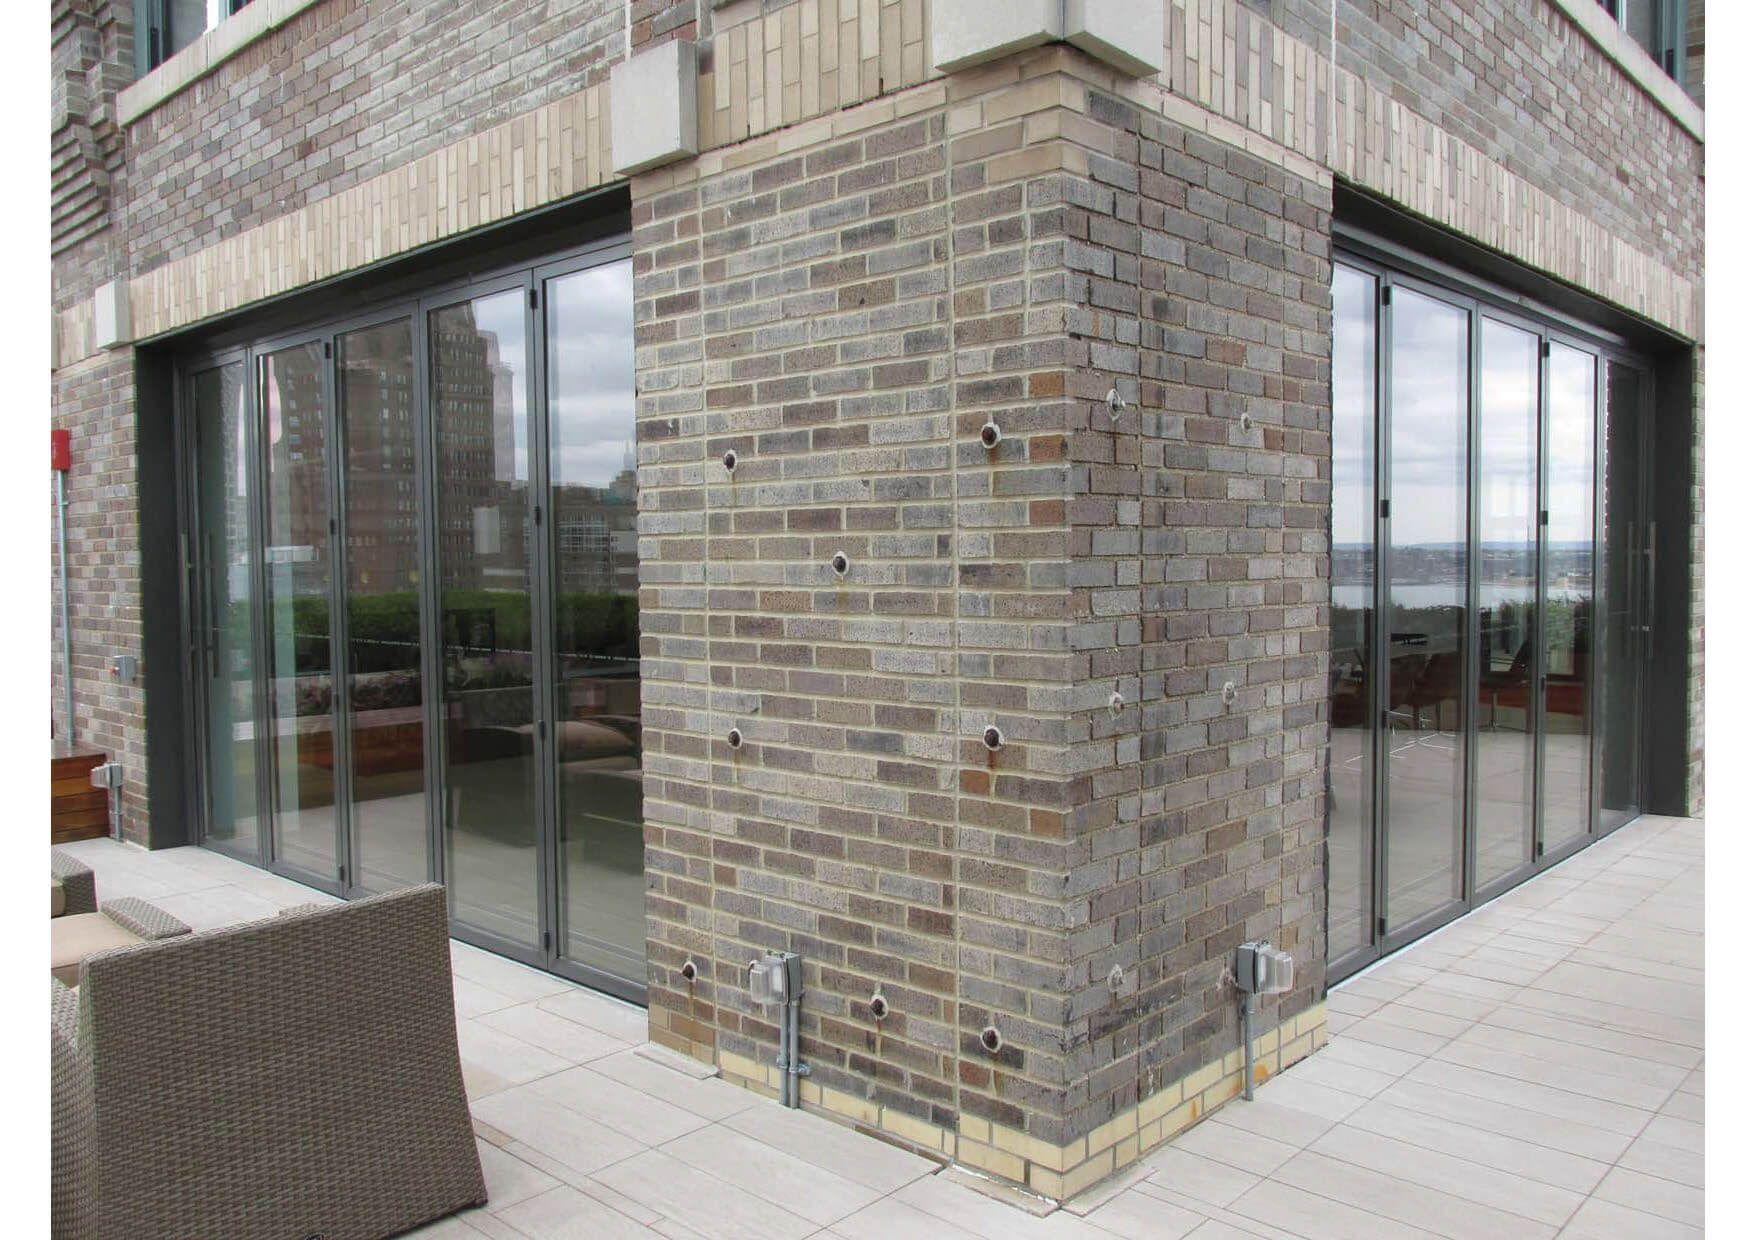 Faltschiebeturen Aussen Fenster Schmidinger Fachfirma In Oberosterreich Faltschiebeturen Balkon Dekor Glasschiebetur